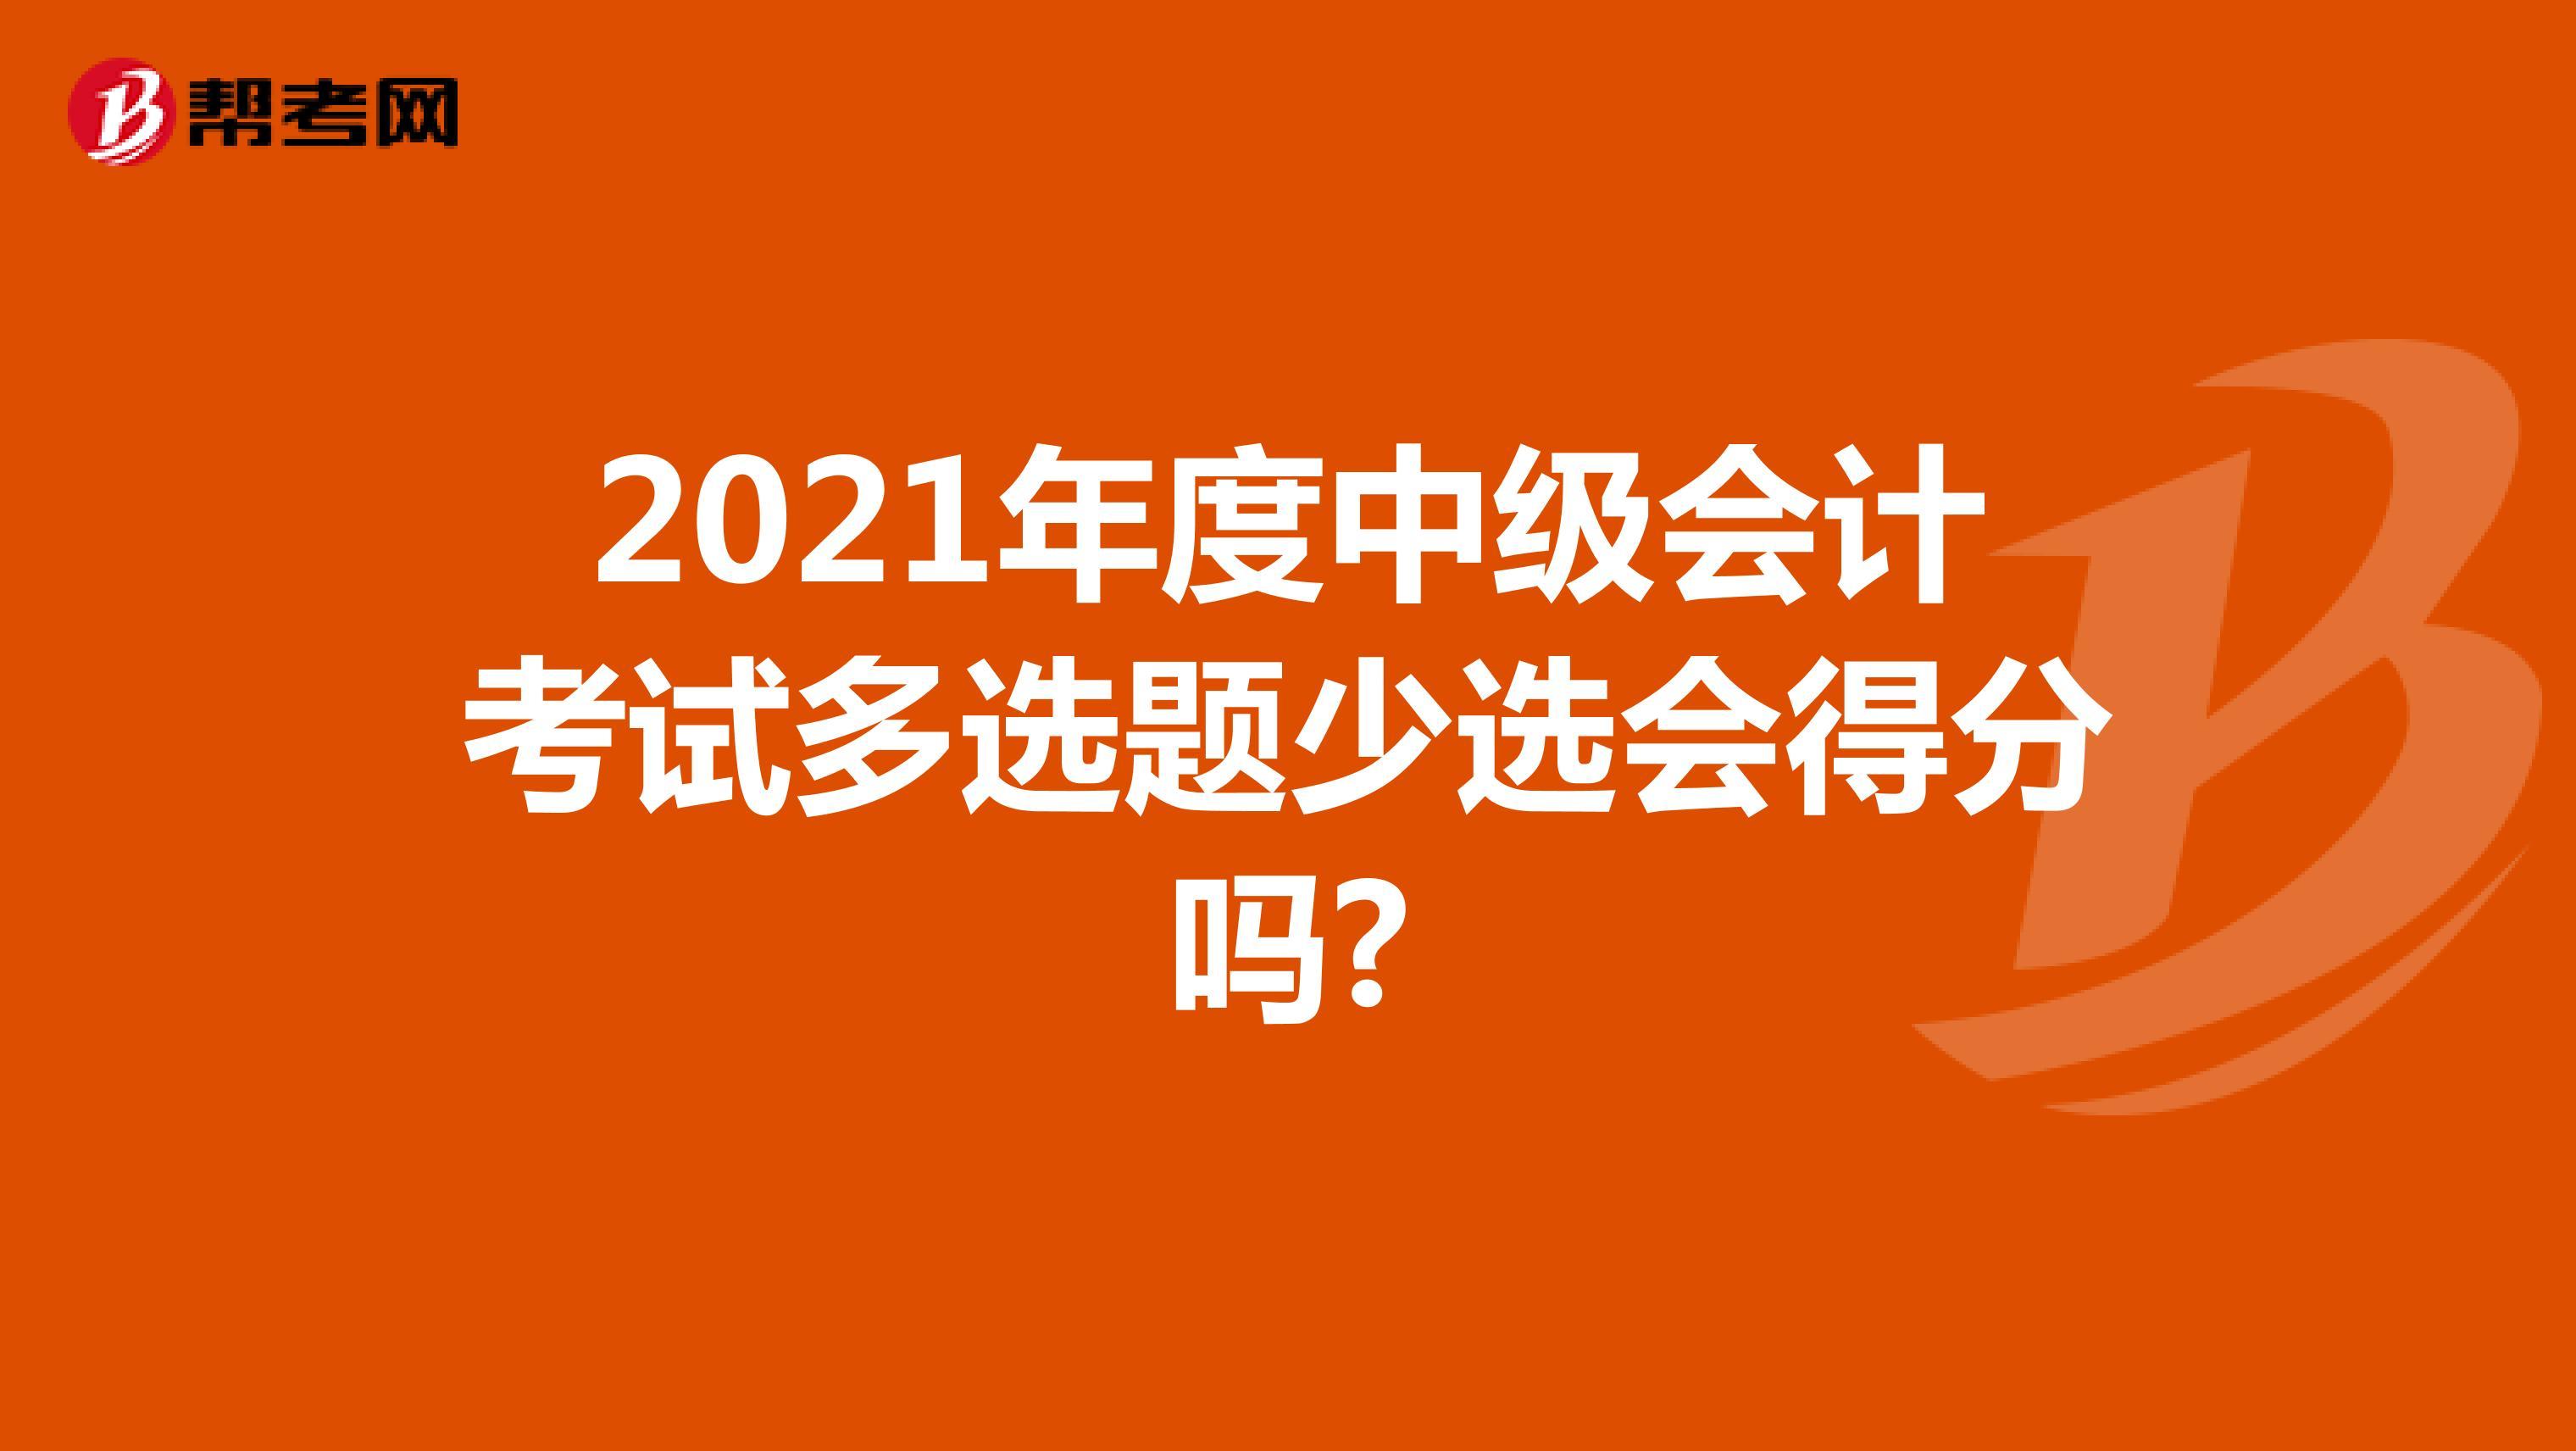 2021年度中级会计考试多选题少选会得分吗?